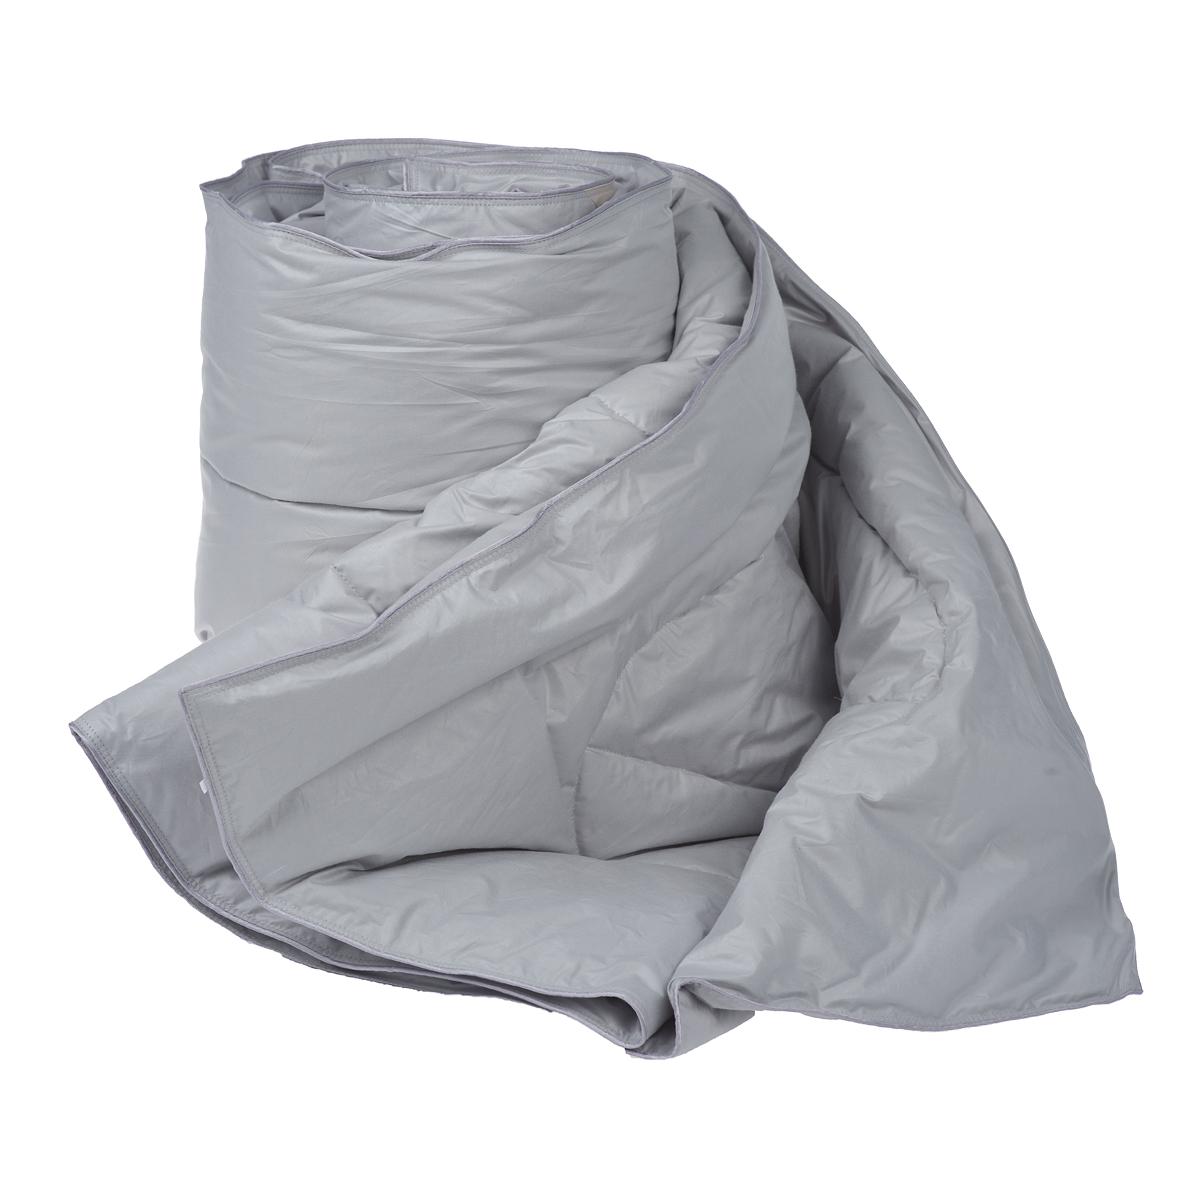 Одеяло Dargez Богемия, наполнитель: гусиный пух категории Экстра, 172 см х 205 см20382Одеяло Dargez Богемия подарит комфорт и уют во время сна. Чехол одеяла выполнен из пуходержащего гладкокрашеного батиста с обработкой ионами серебра. Ткань с ионами серебра благотворно воздействует на кожу, оказывает расслабляющее действие для организма человека, имеет устойчивый антибактериальный эффект. Уникальная запатентованная стежка Bodyline® по форме повторяет тело человека, что помогает эффективно регулировать теплообмен различных частей организма и создать оптимальный микроклимат во время сна. Натуральное сырье, инновационные разработки и современные технологии - вот рецепт вашего крепкого сна. Изделия коллекции способны стать прекрасным подарком для людей, ценящих красоту и комфорт. Рекомендации по уходу: - Стирка при температуре не более 40°С. - Запрещается отбеливать, гладить, выжимать и сушить в стиральной машине. Материал чехла: батист пуходержащий (100% хлопок). Материал наполнителя: гусиный пух категории...